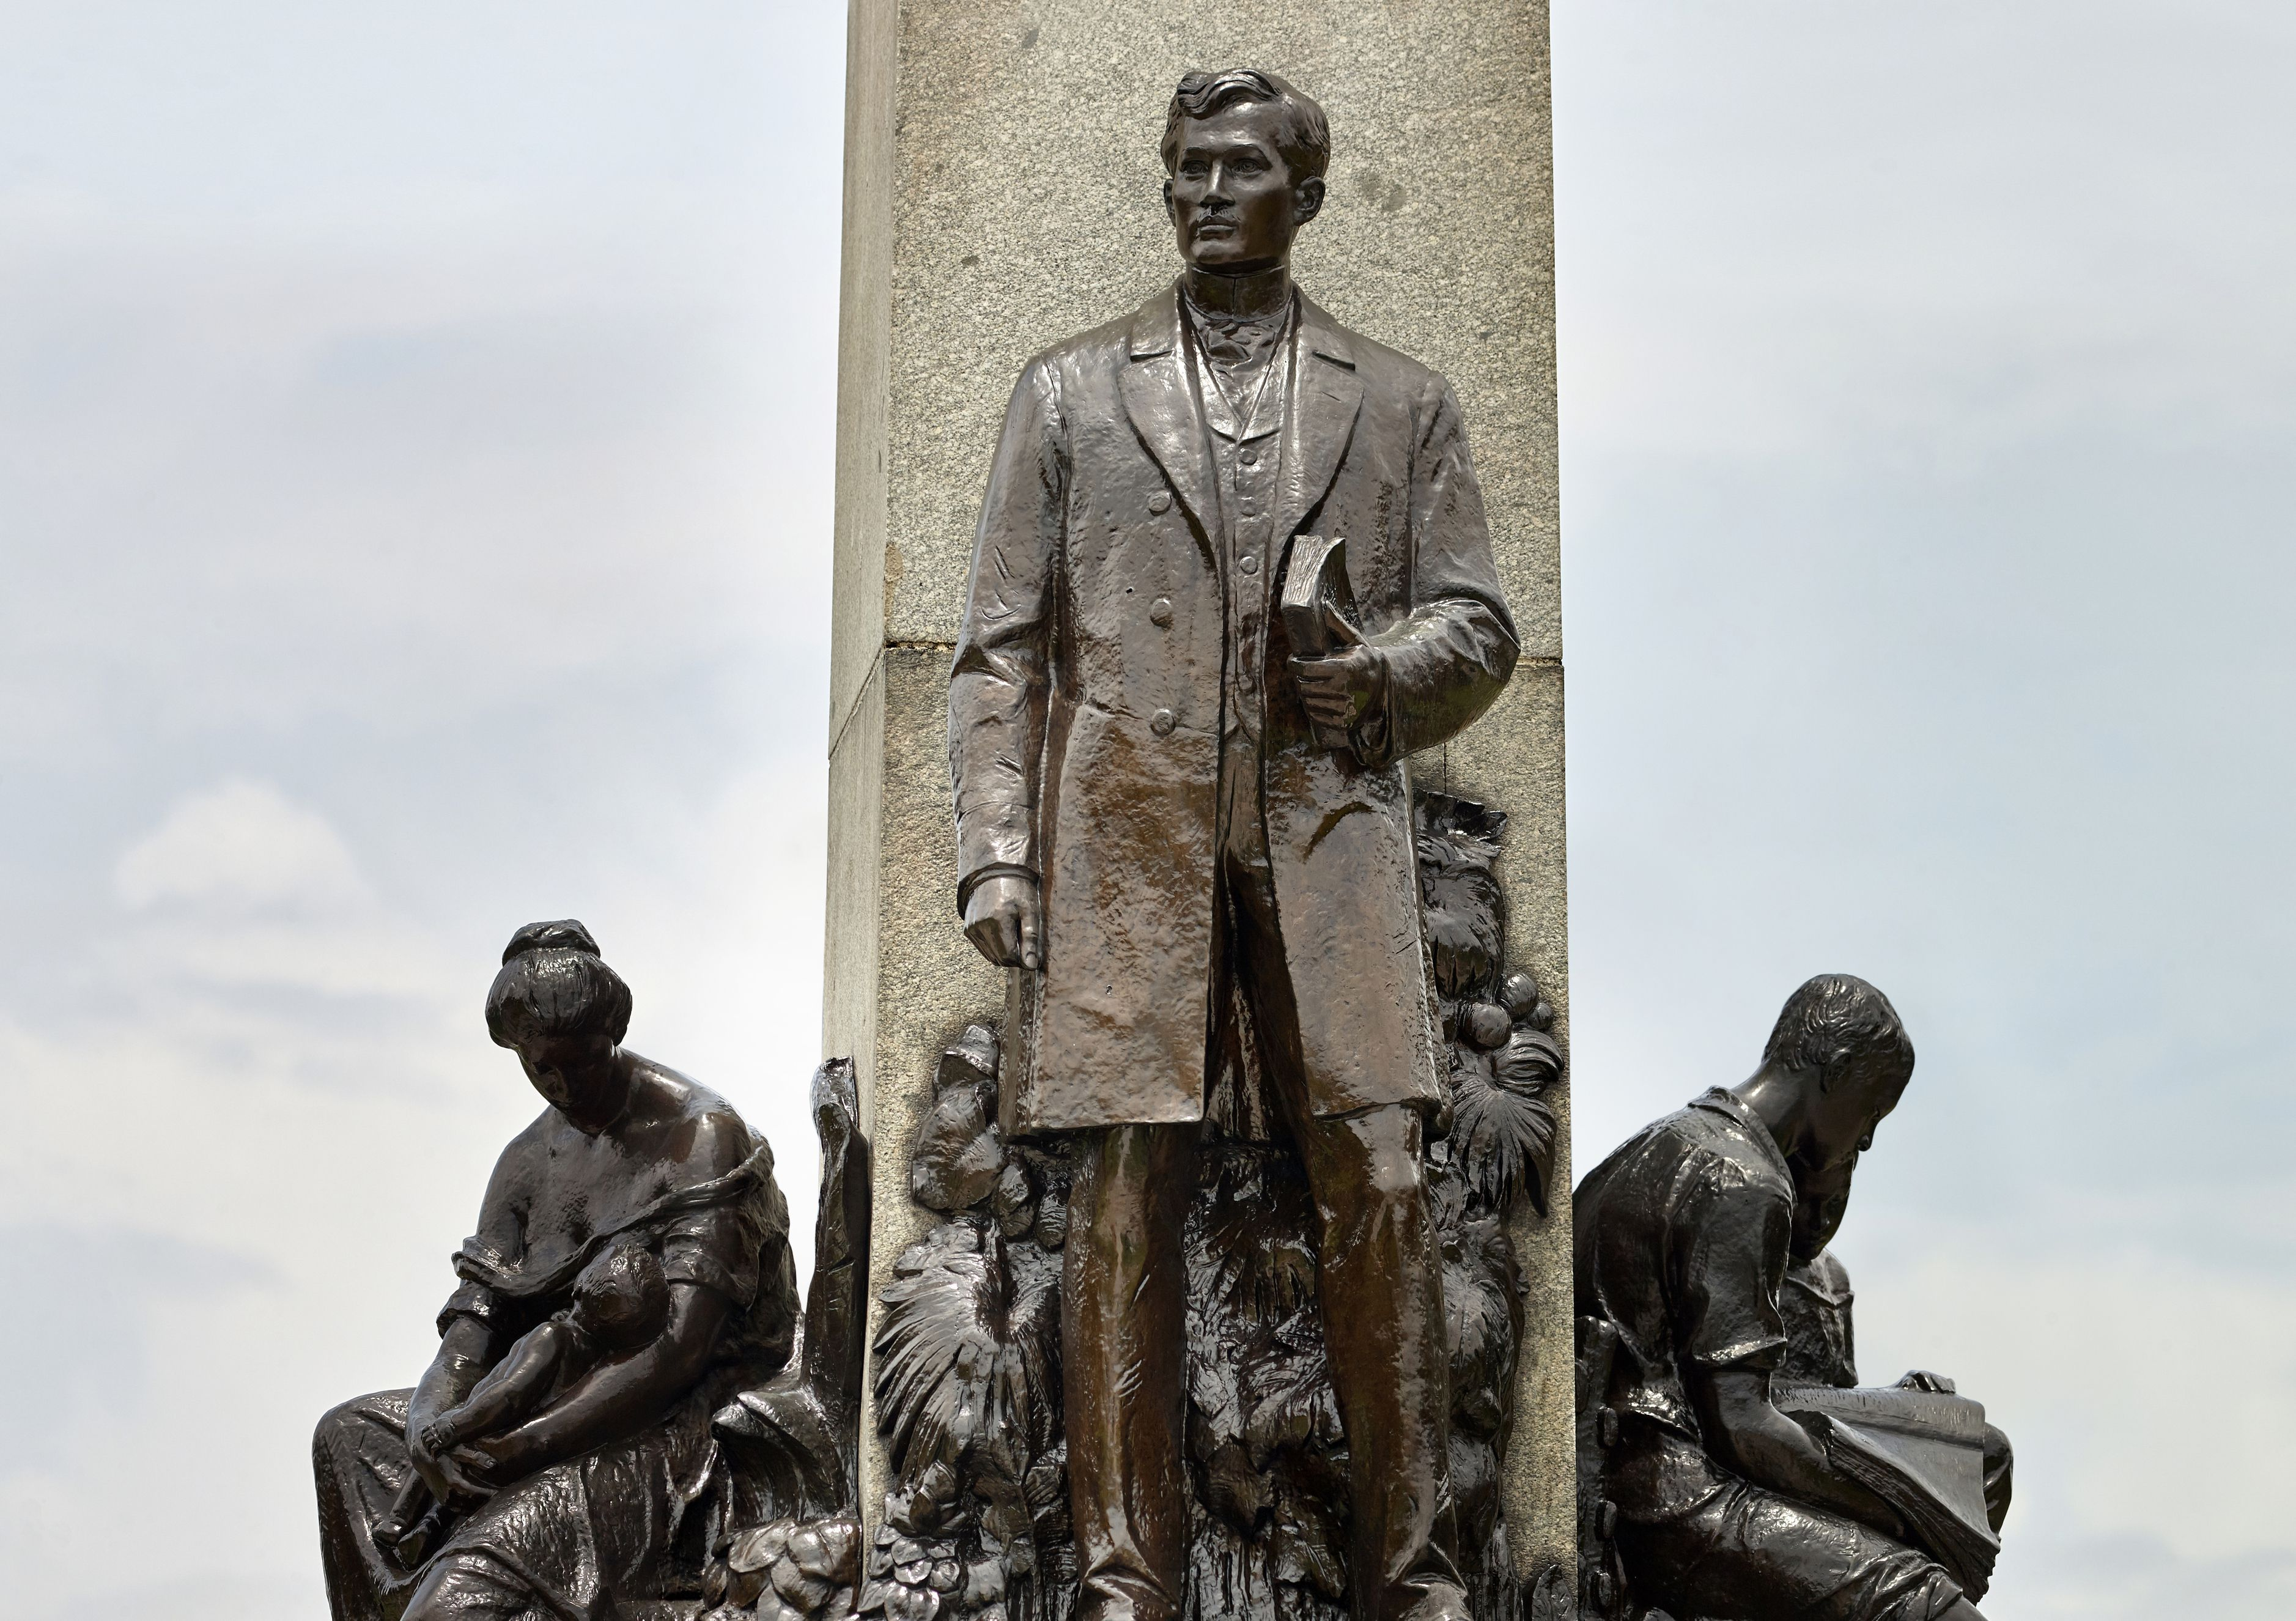 A José Rizal Monument in Manila, Philippines